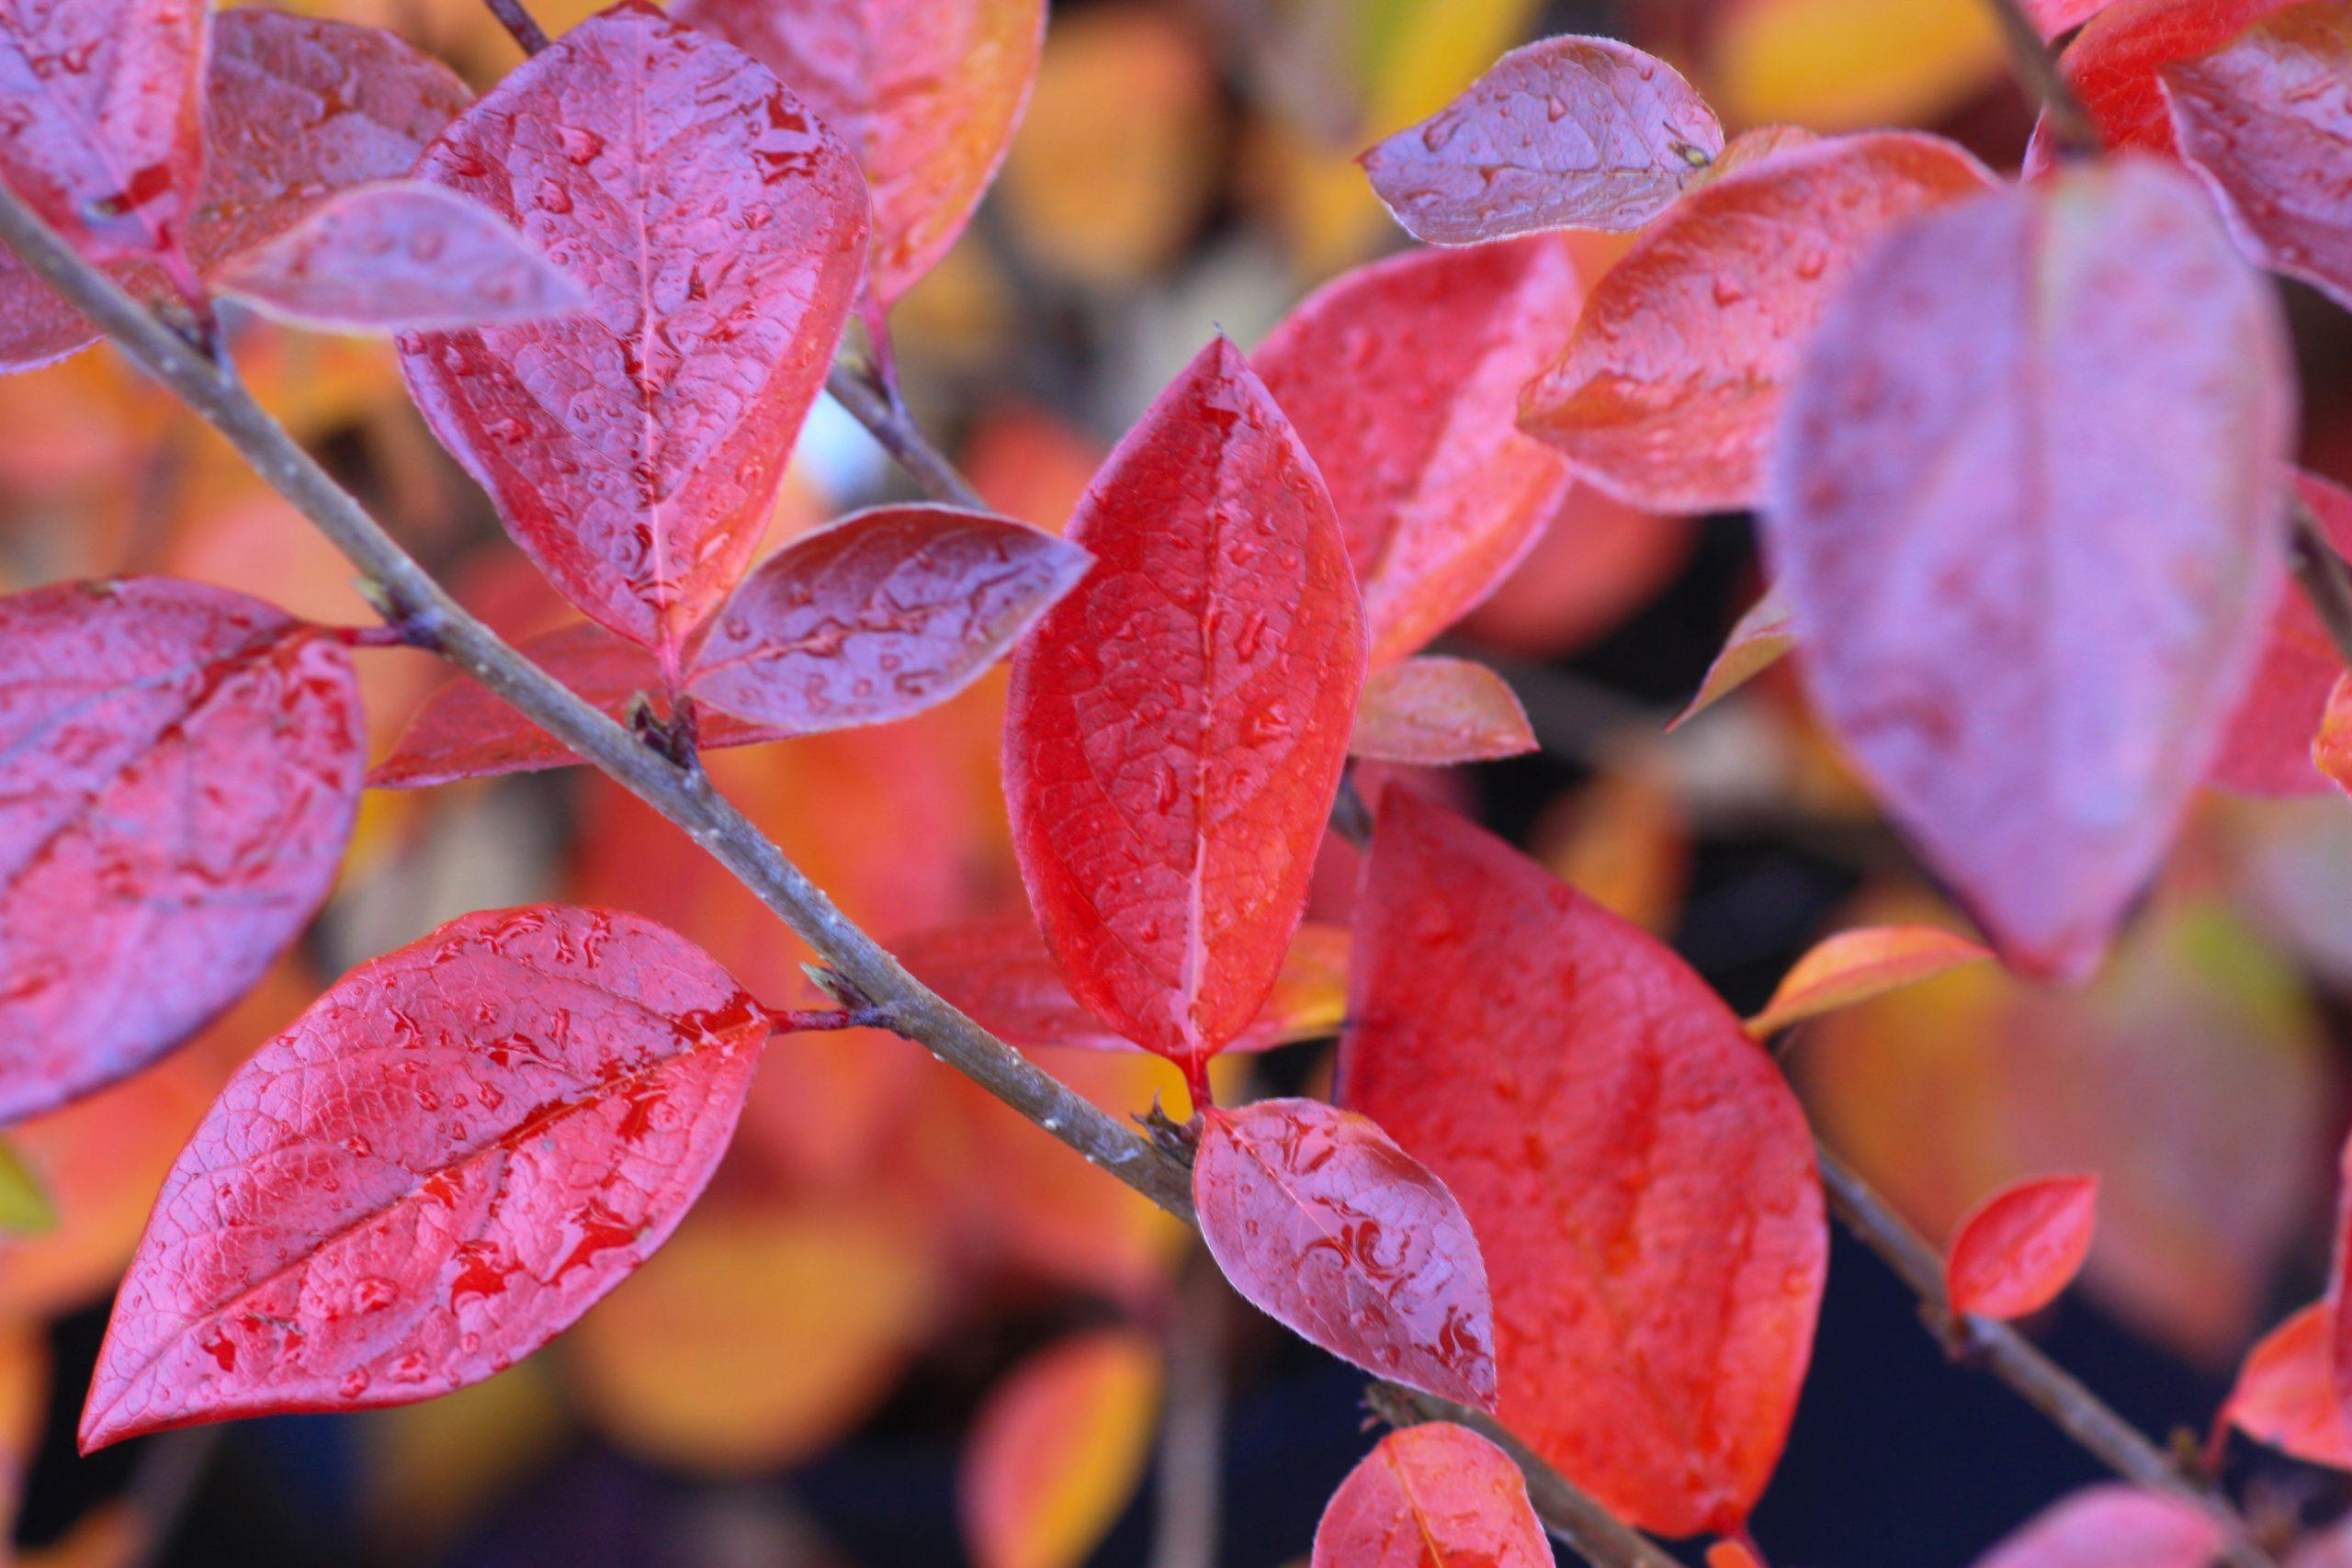 Kan Nobelprisvinnende teknologi (CRISPR) benyttes for å utvikle hageplanter med lavere spredningspotensial?